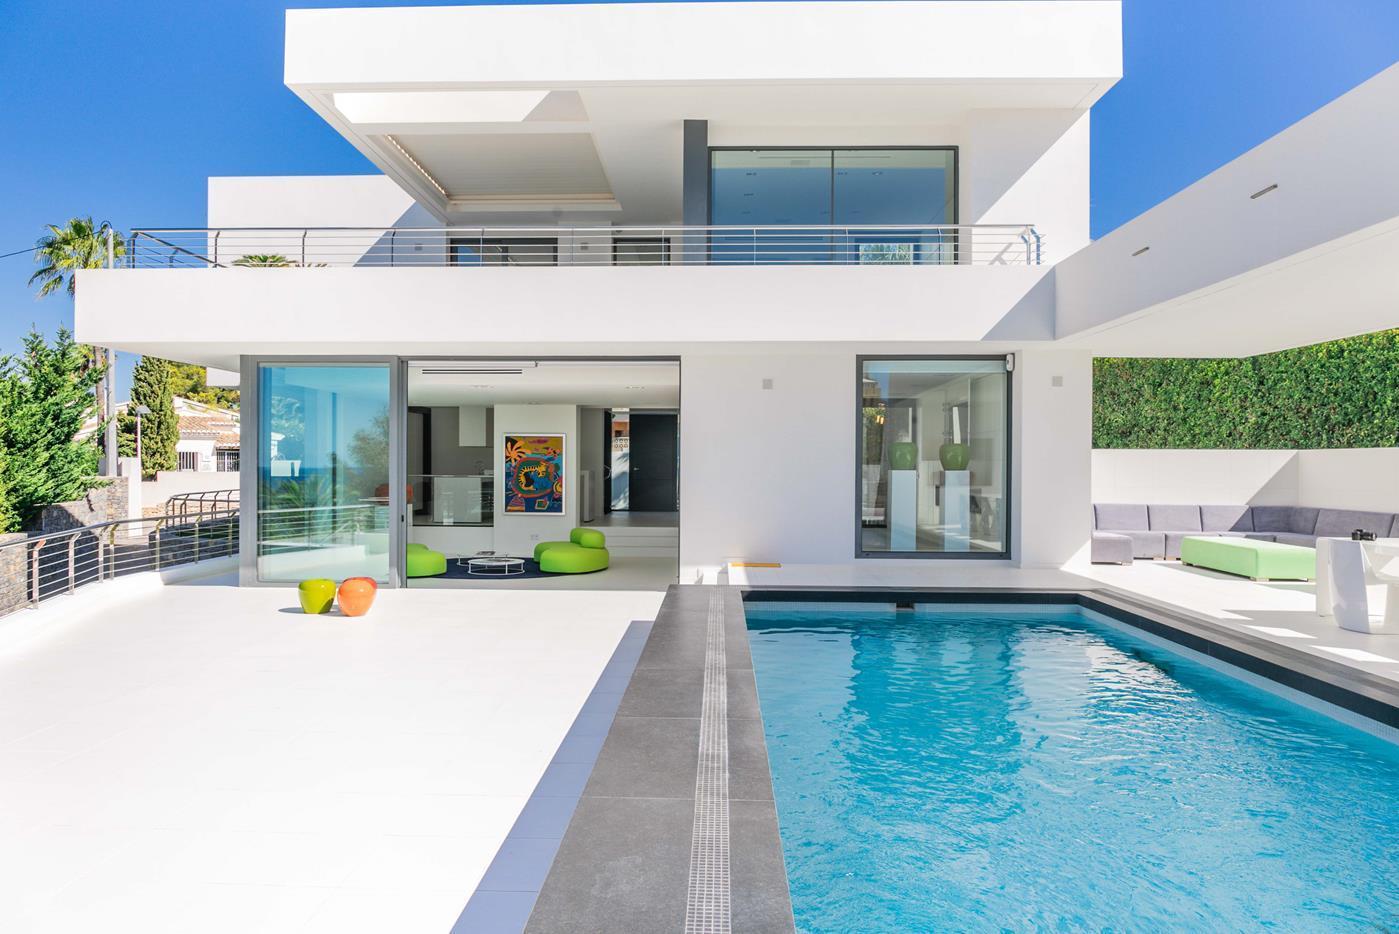 luxury-villa en moraira · el-portet 3999995€